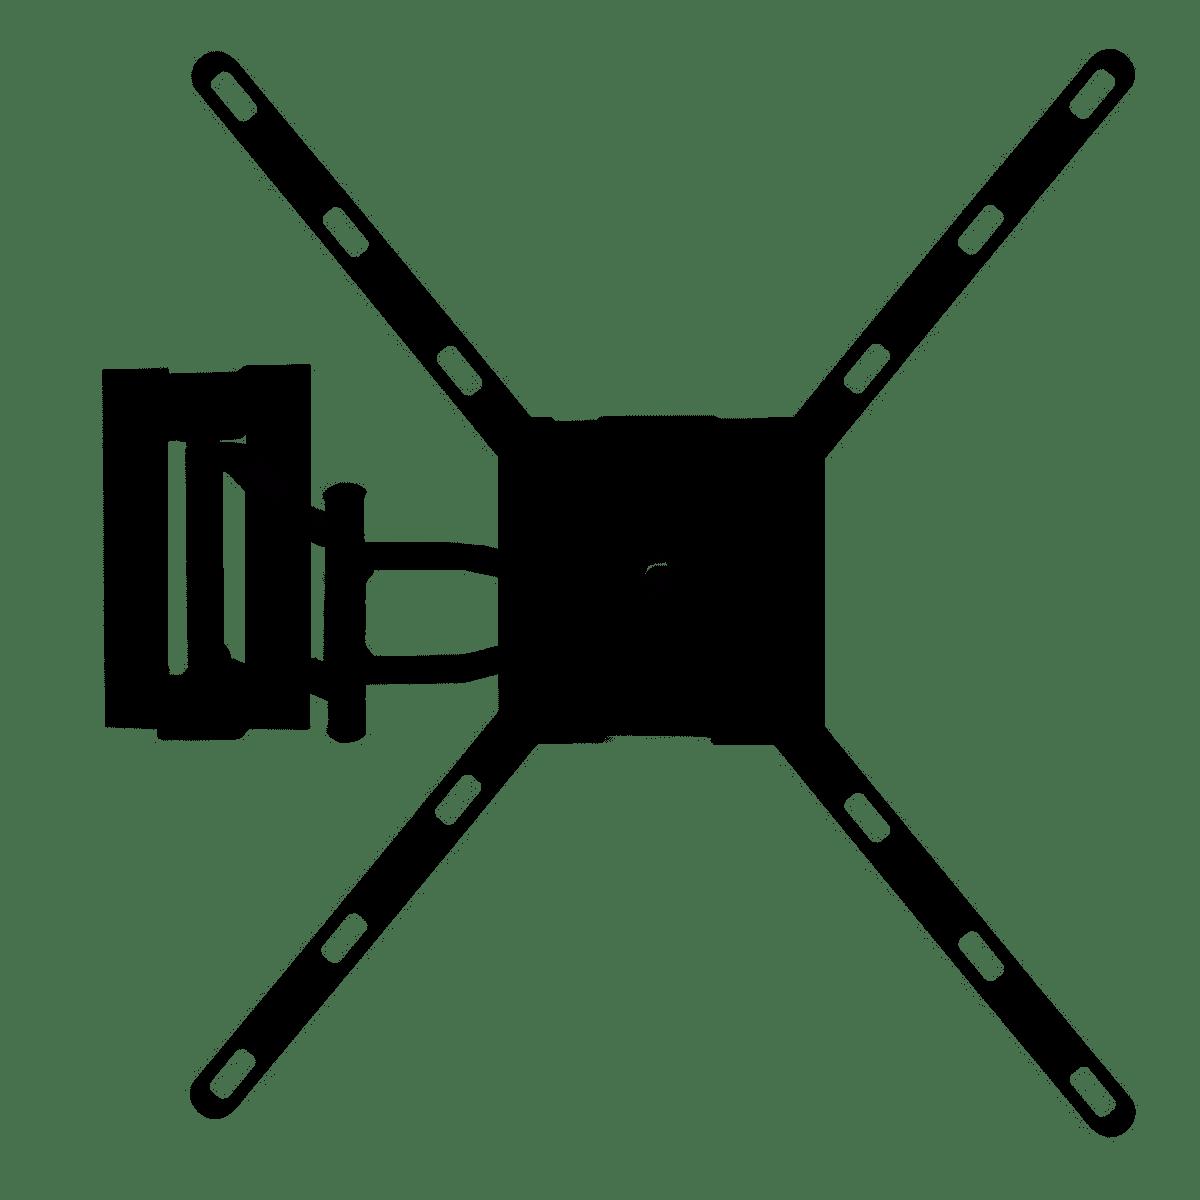 SUPORTE ARTICULADO TVS  10''- 55'' SU-450I